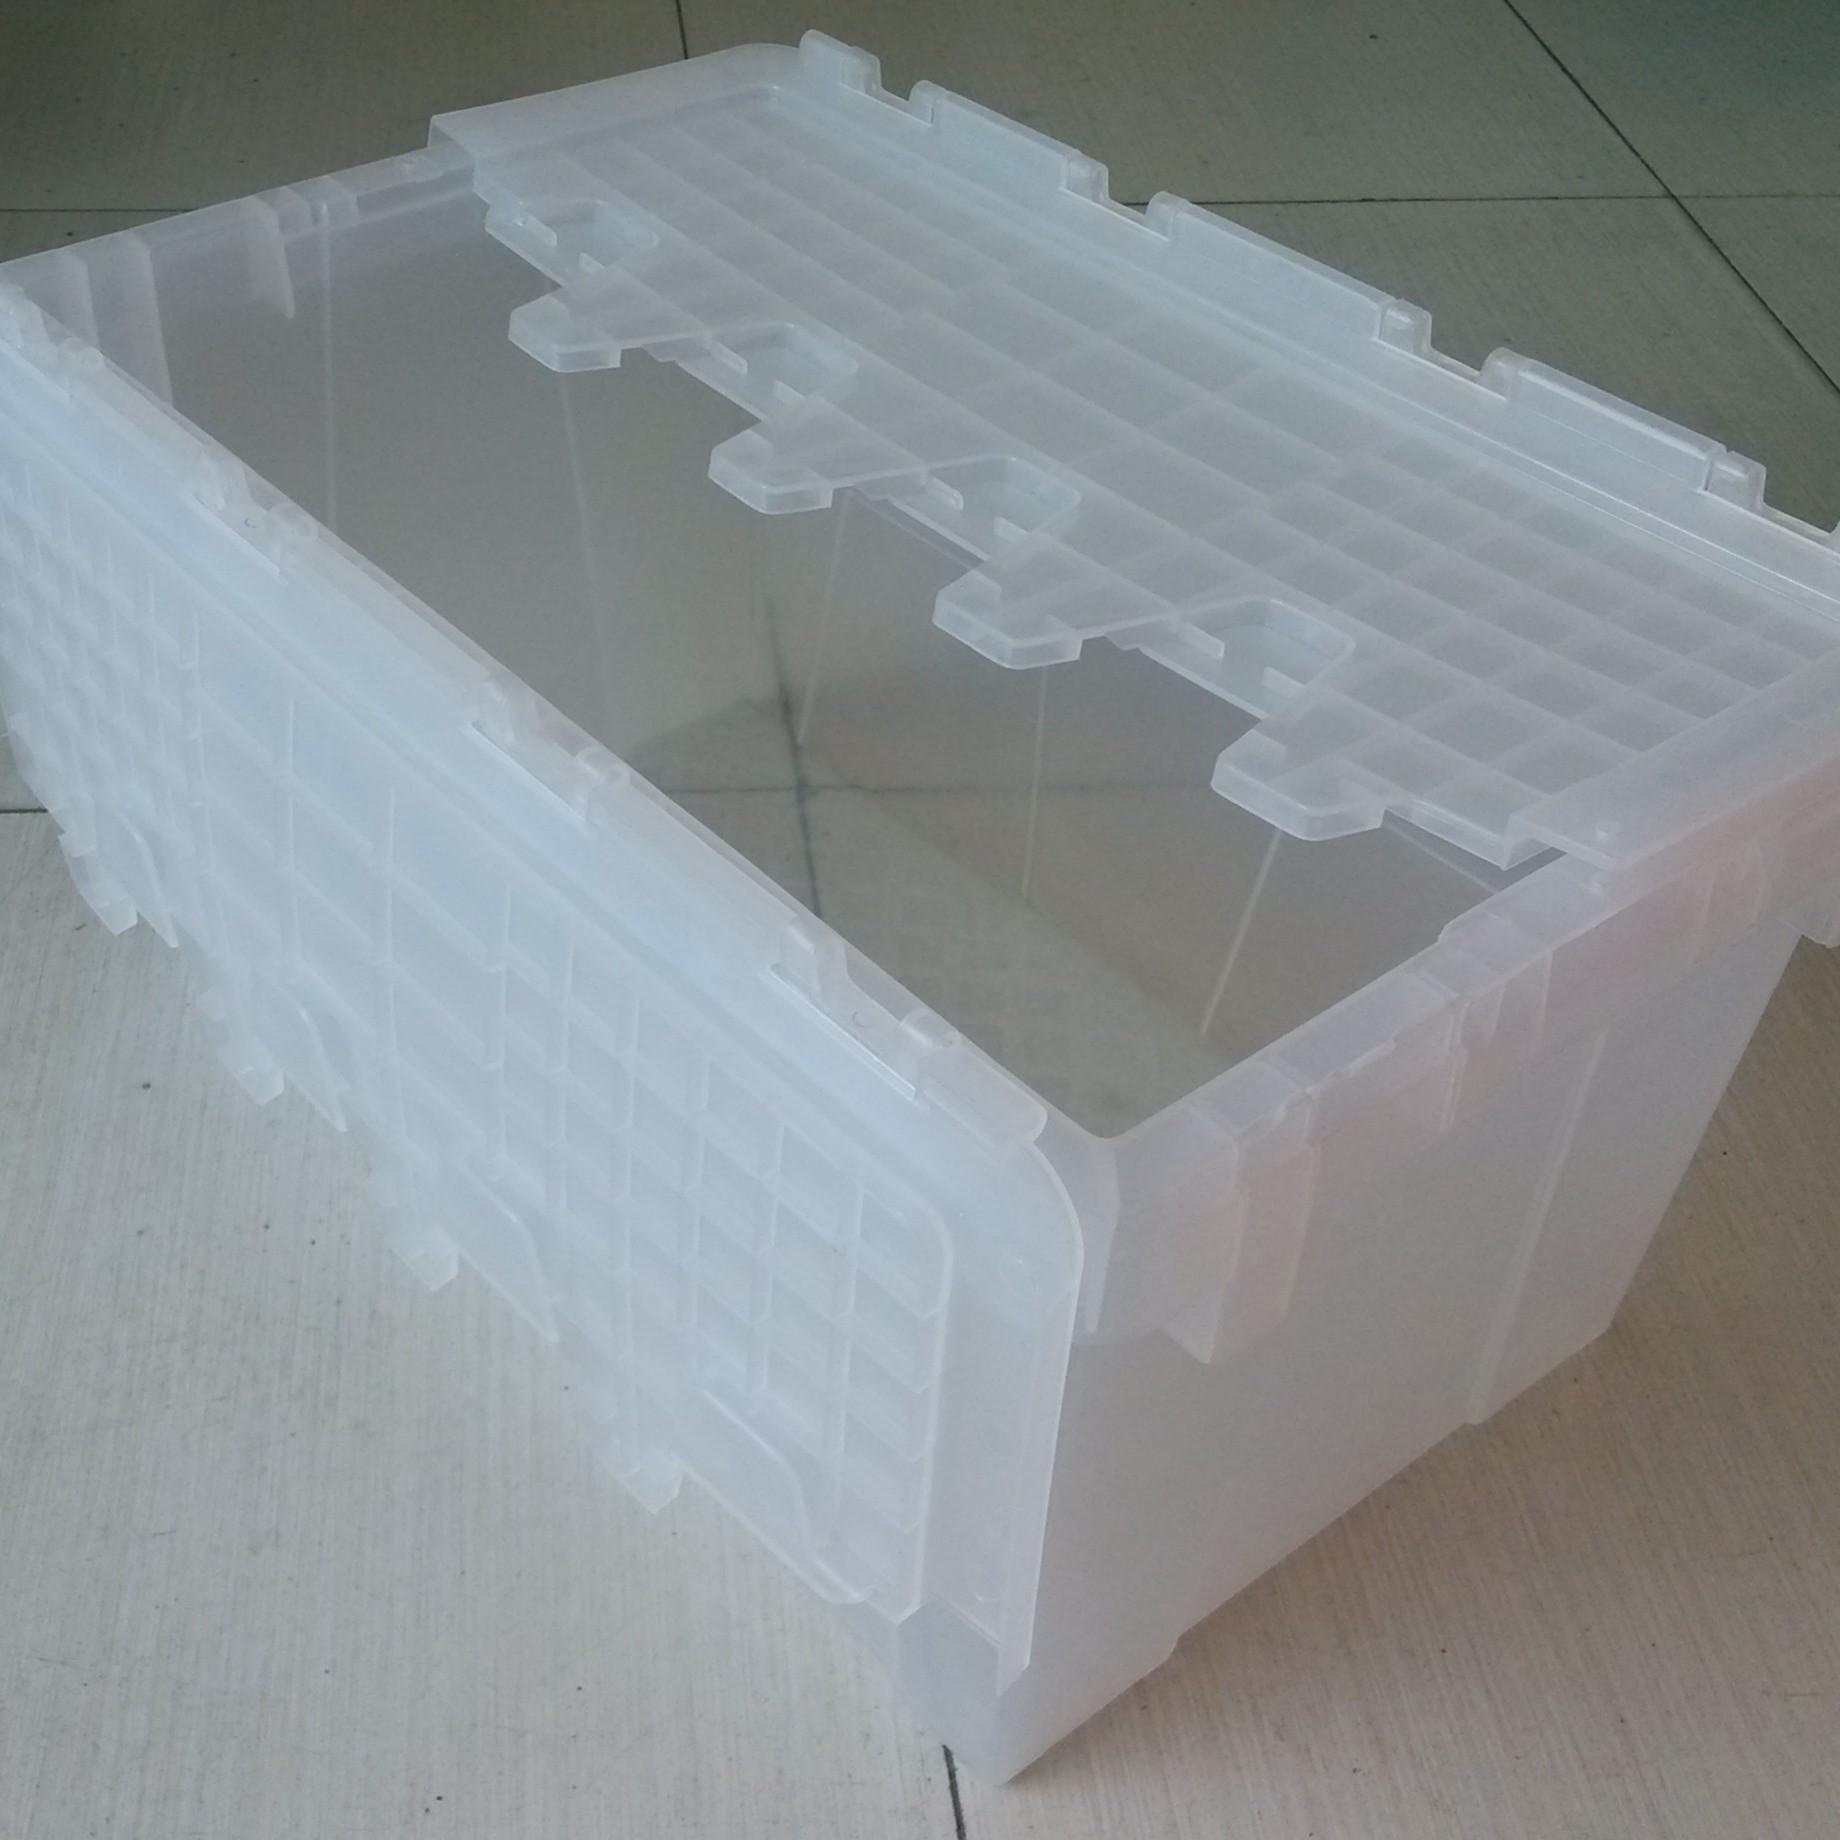 上海嘉定塑料周转箱代加工